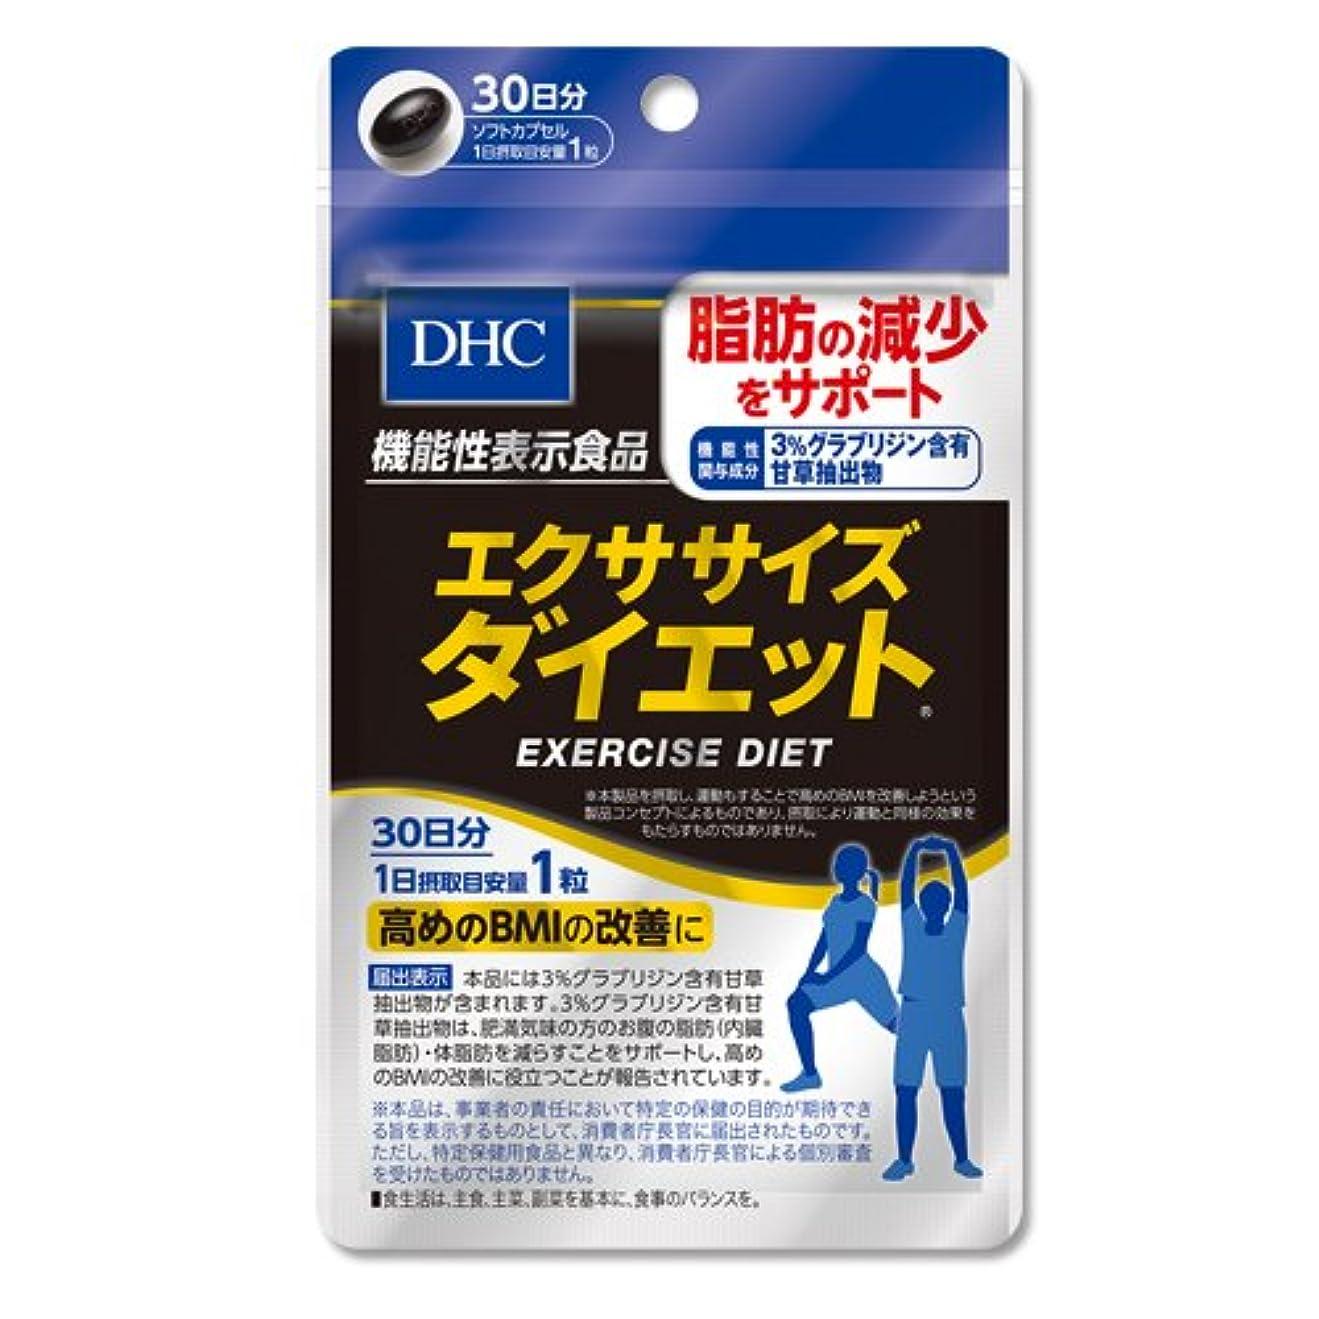 敬騒乱ラリーベルモントエクササイズダイエット30日分 【機能性表示食品】